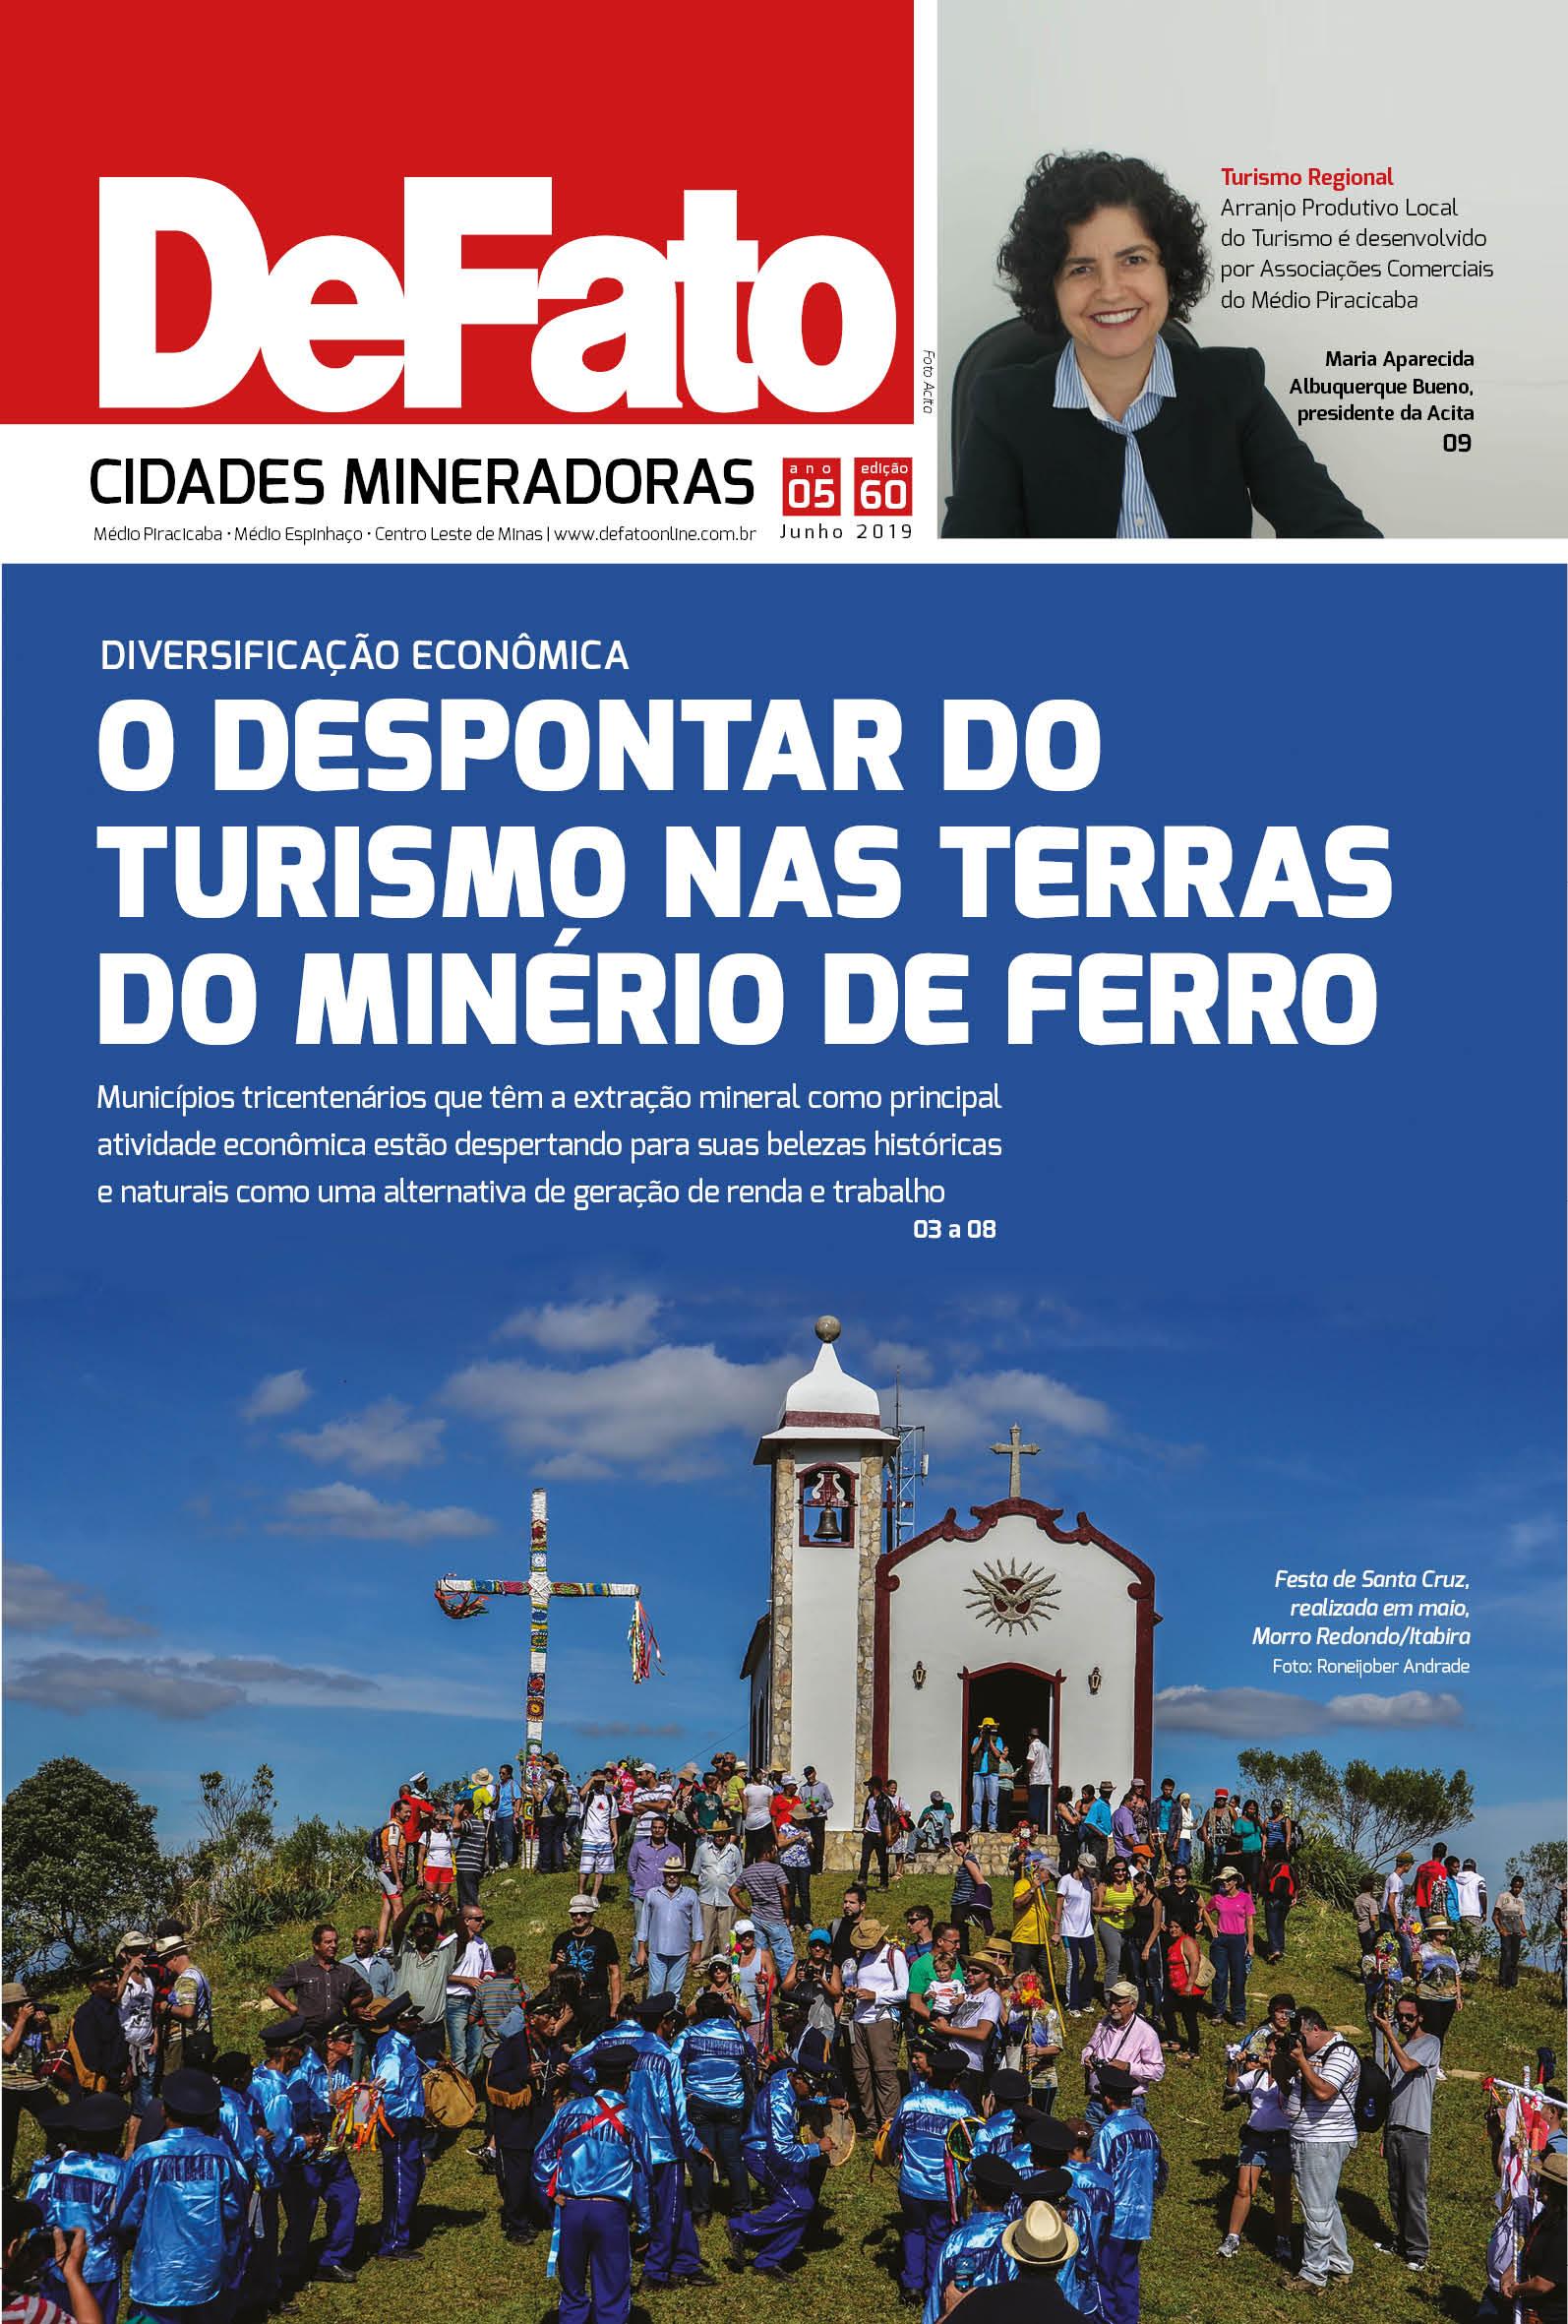 Jornal DeFato Cidades Mineradoras – Edição 60